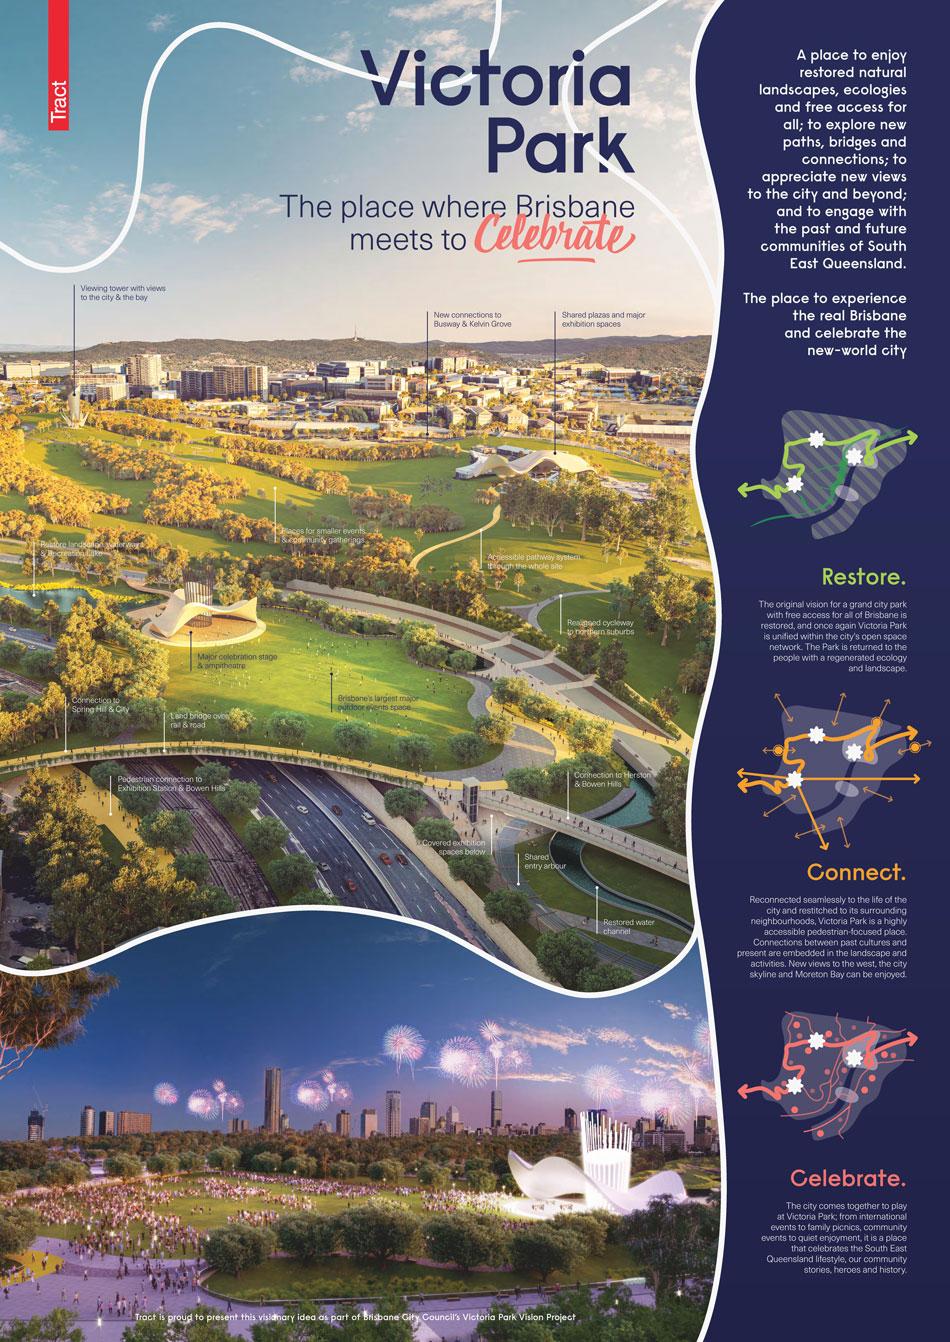 Tract's idea for Victoria Park Vision